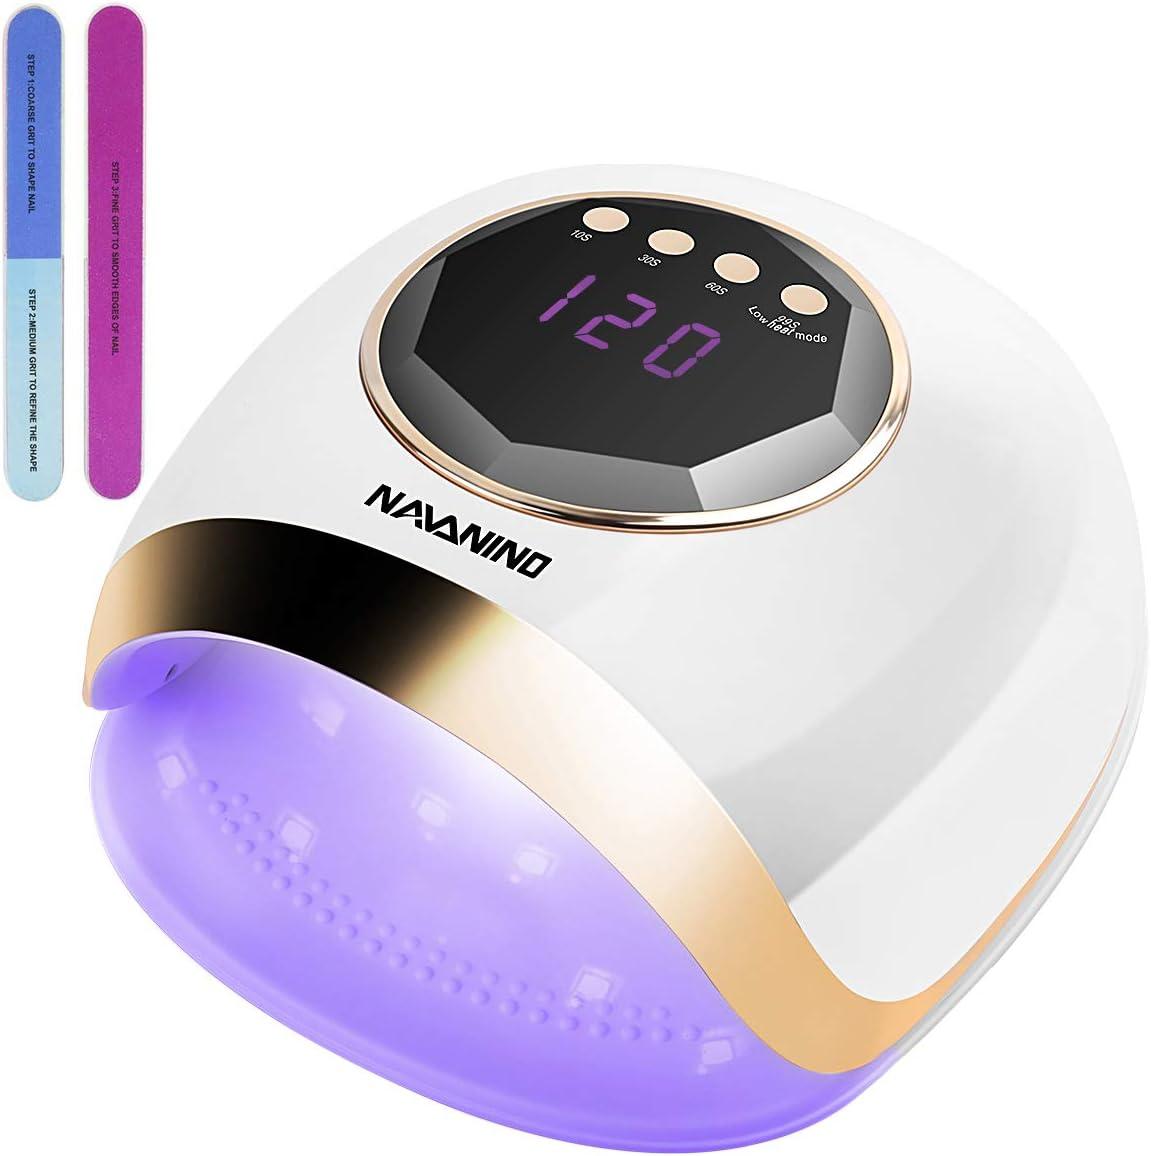 Lámpara Secador de Uñas, NAVANINO LED/UV Gel Esmalte de Uñas Curado Luz Máquina, 4 Modos con Sensor Automático y Pantalla LCD Para Manicura/Pedicure Nail Art en el Hogar y el Salón, 54W